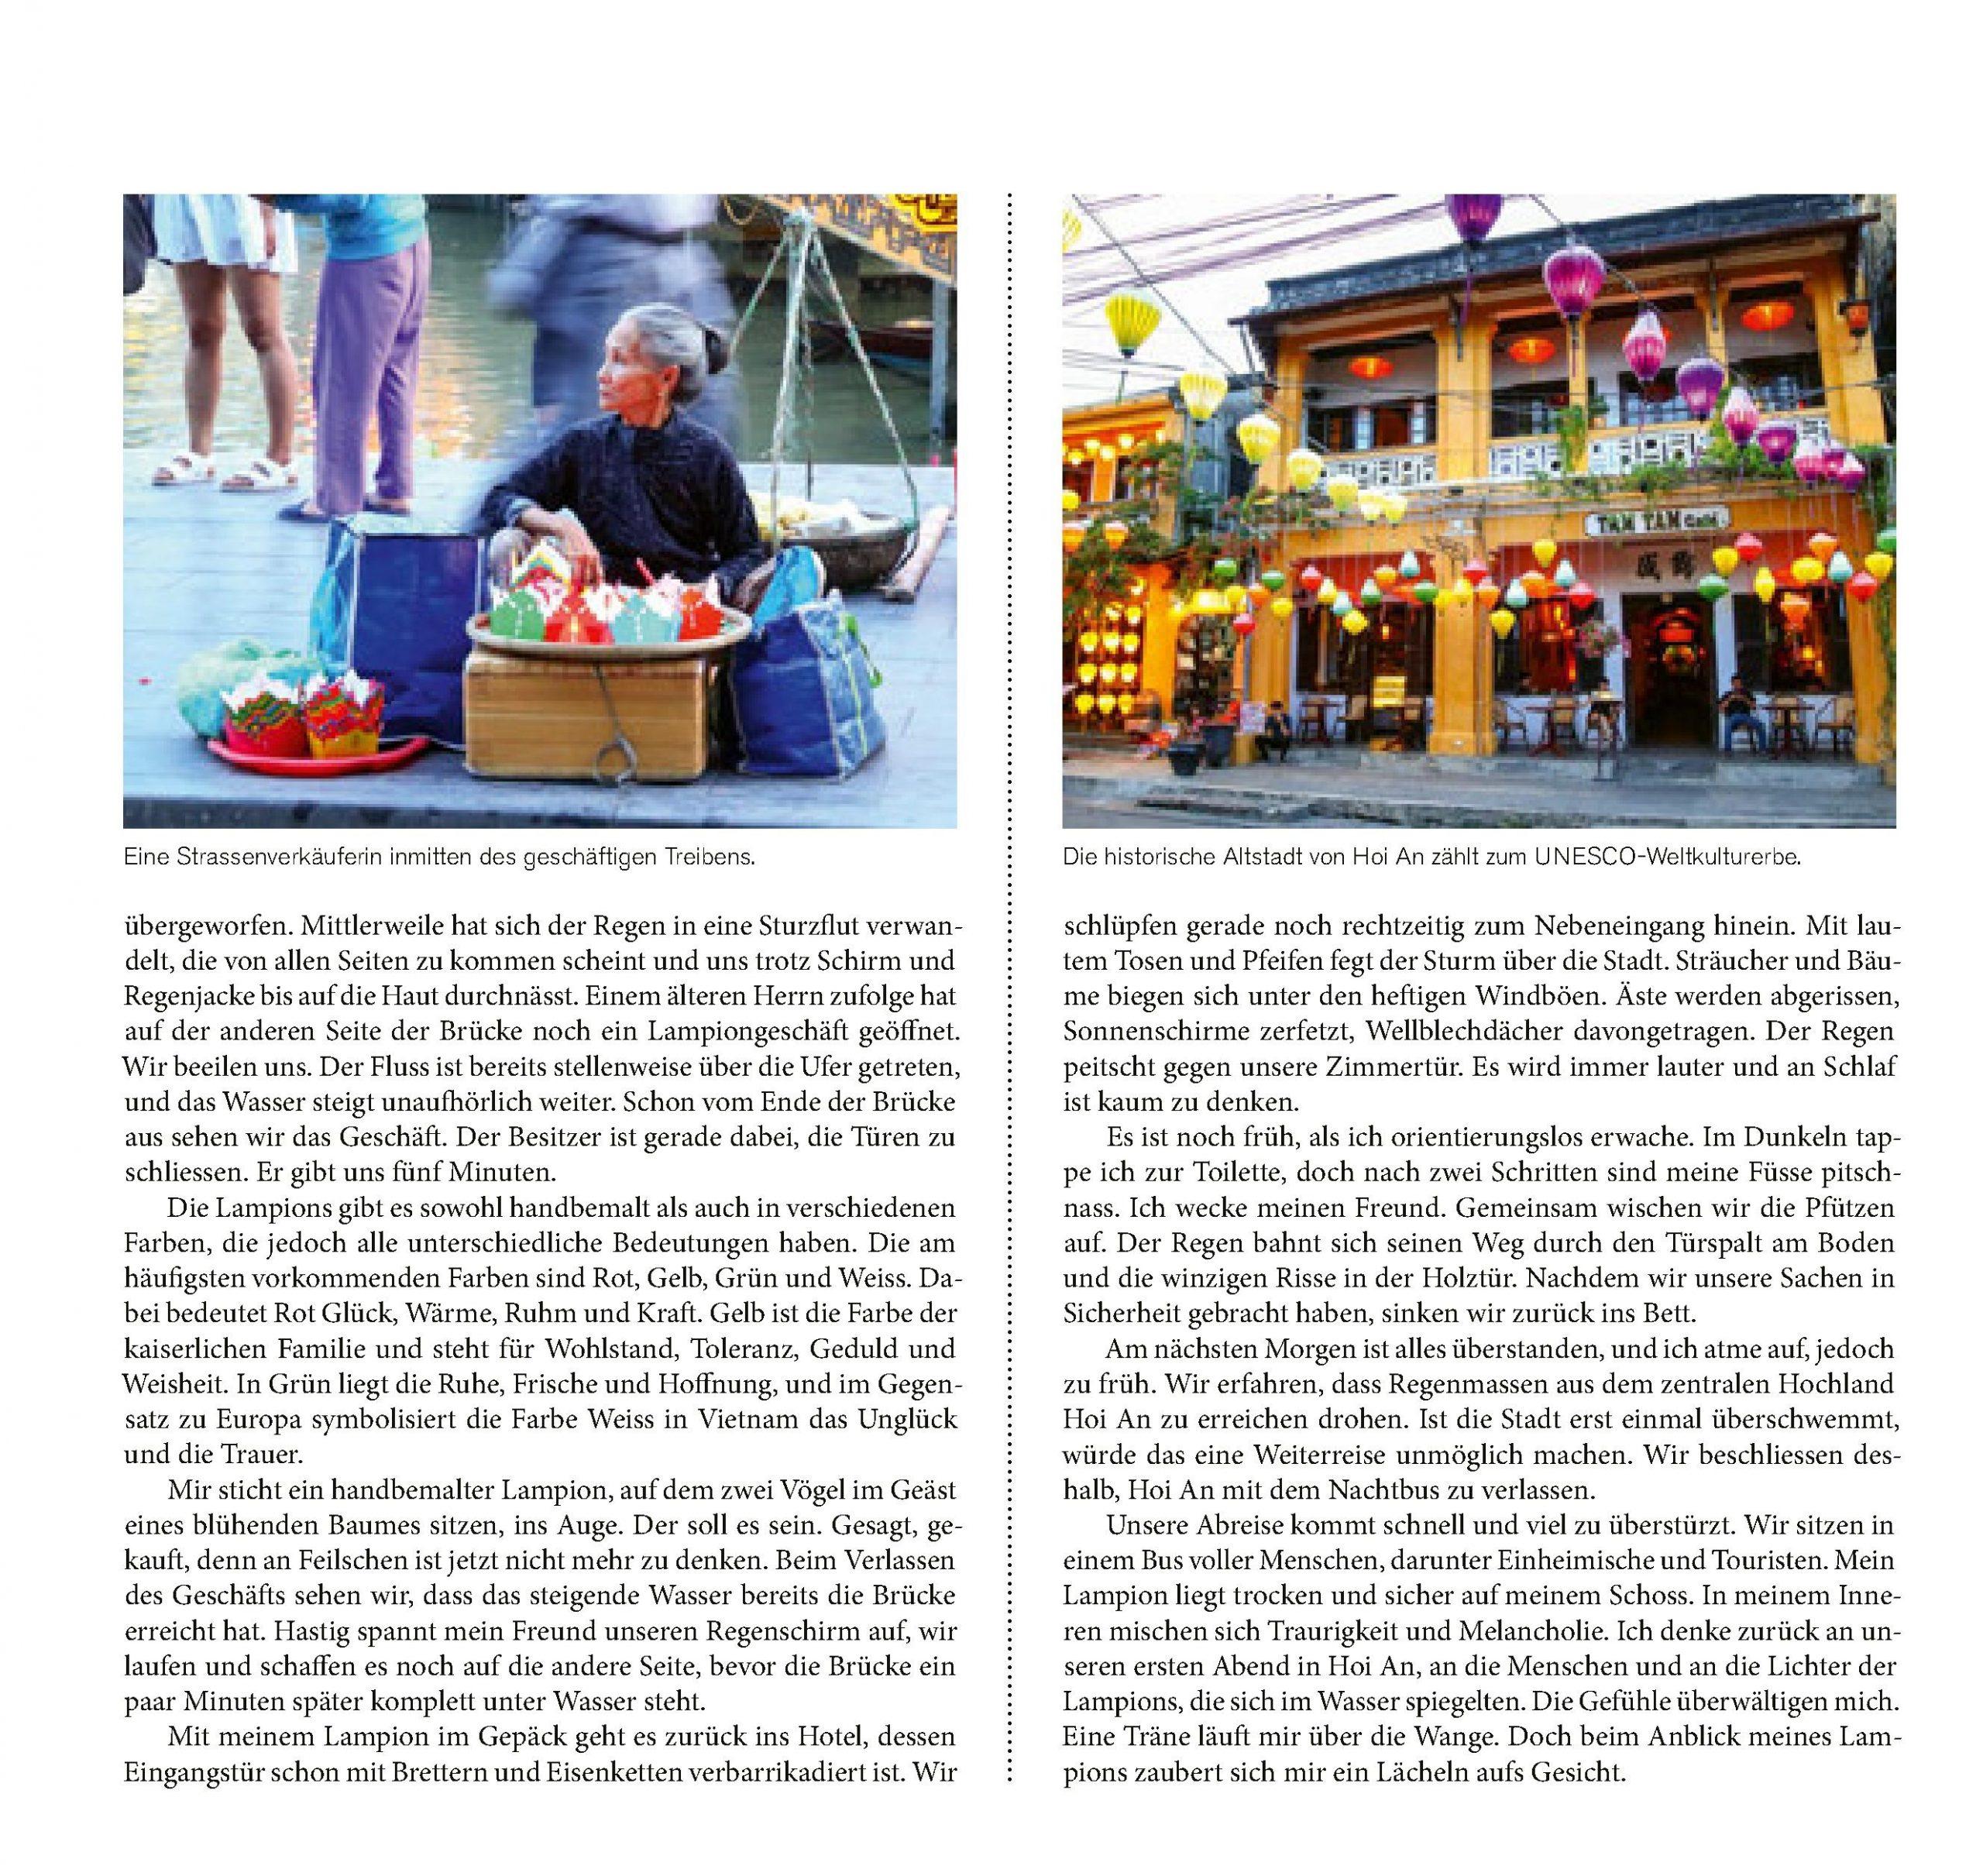 OPEN YOUR WINGS - Der Asien-Blog: Artikel aus Globetrotter Magazin über die vietnamesische Stadt Hoi An von Nicole Bühringer